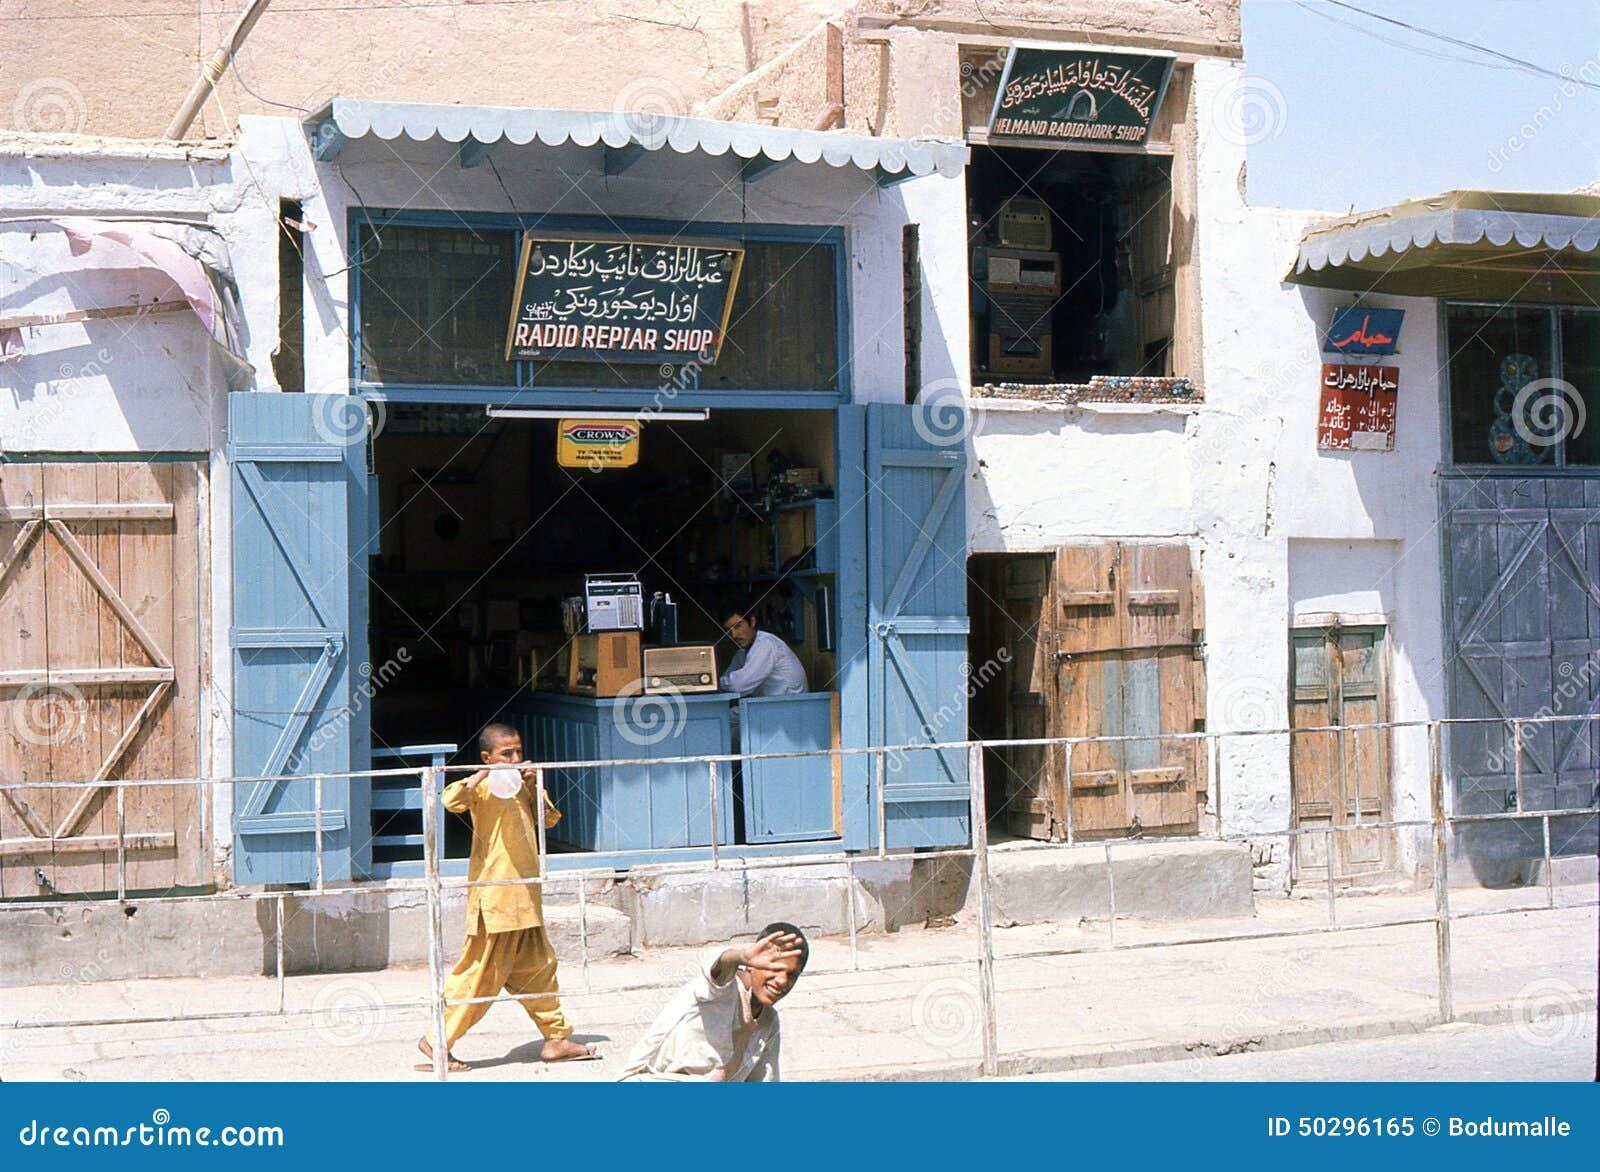 1975 afghanistan Een radio-reparatiewinkel in Kandahar